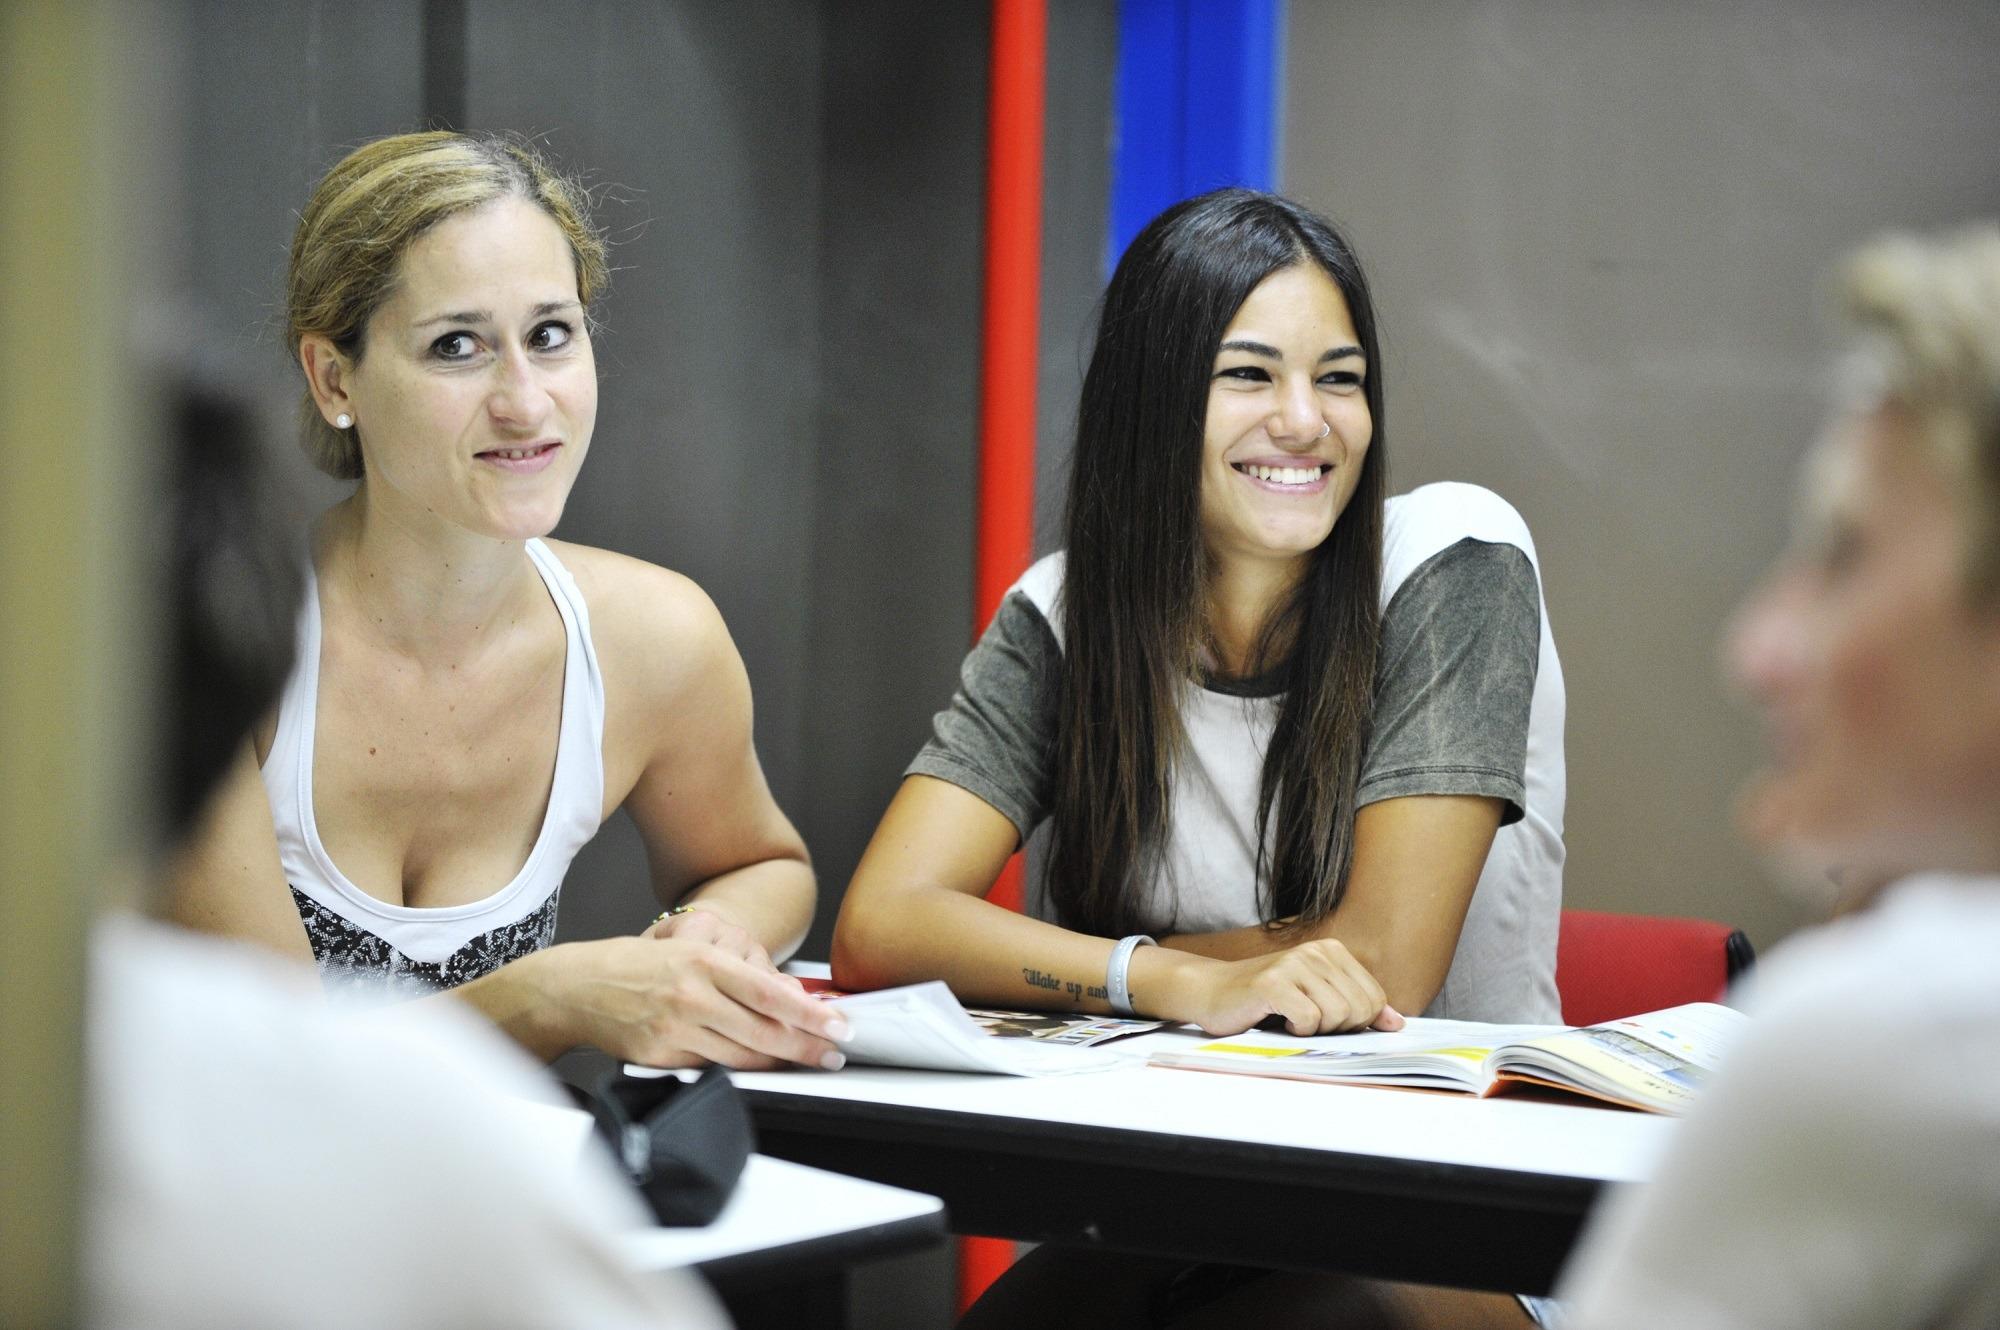 Taalreizen - DELE examen - Spaans2